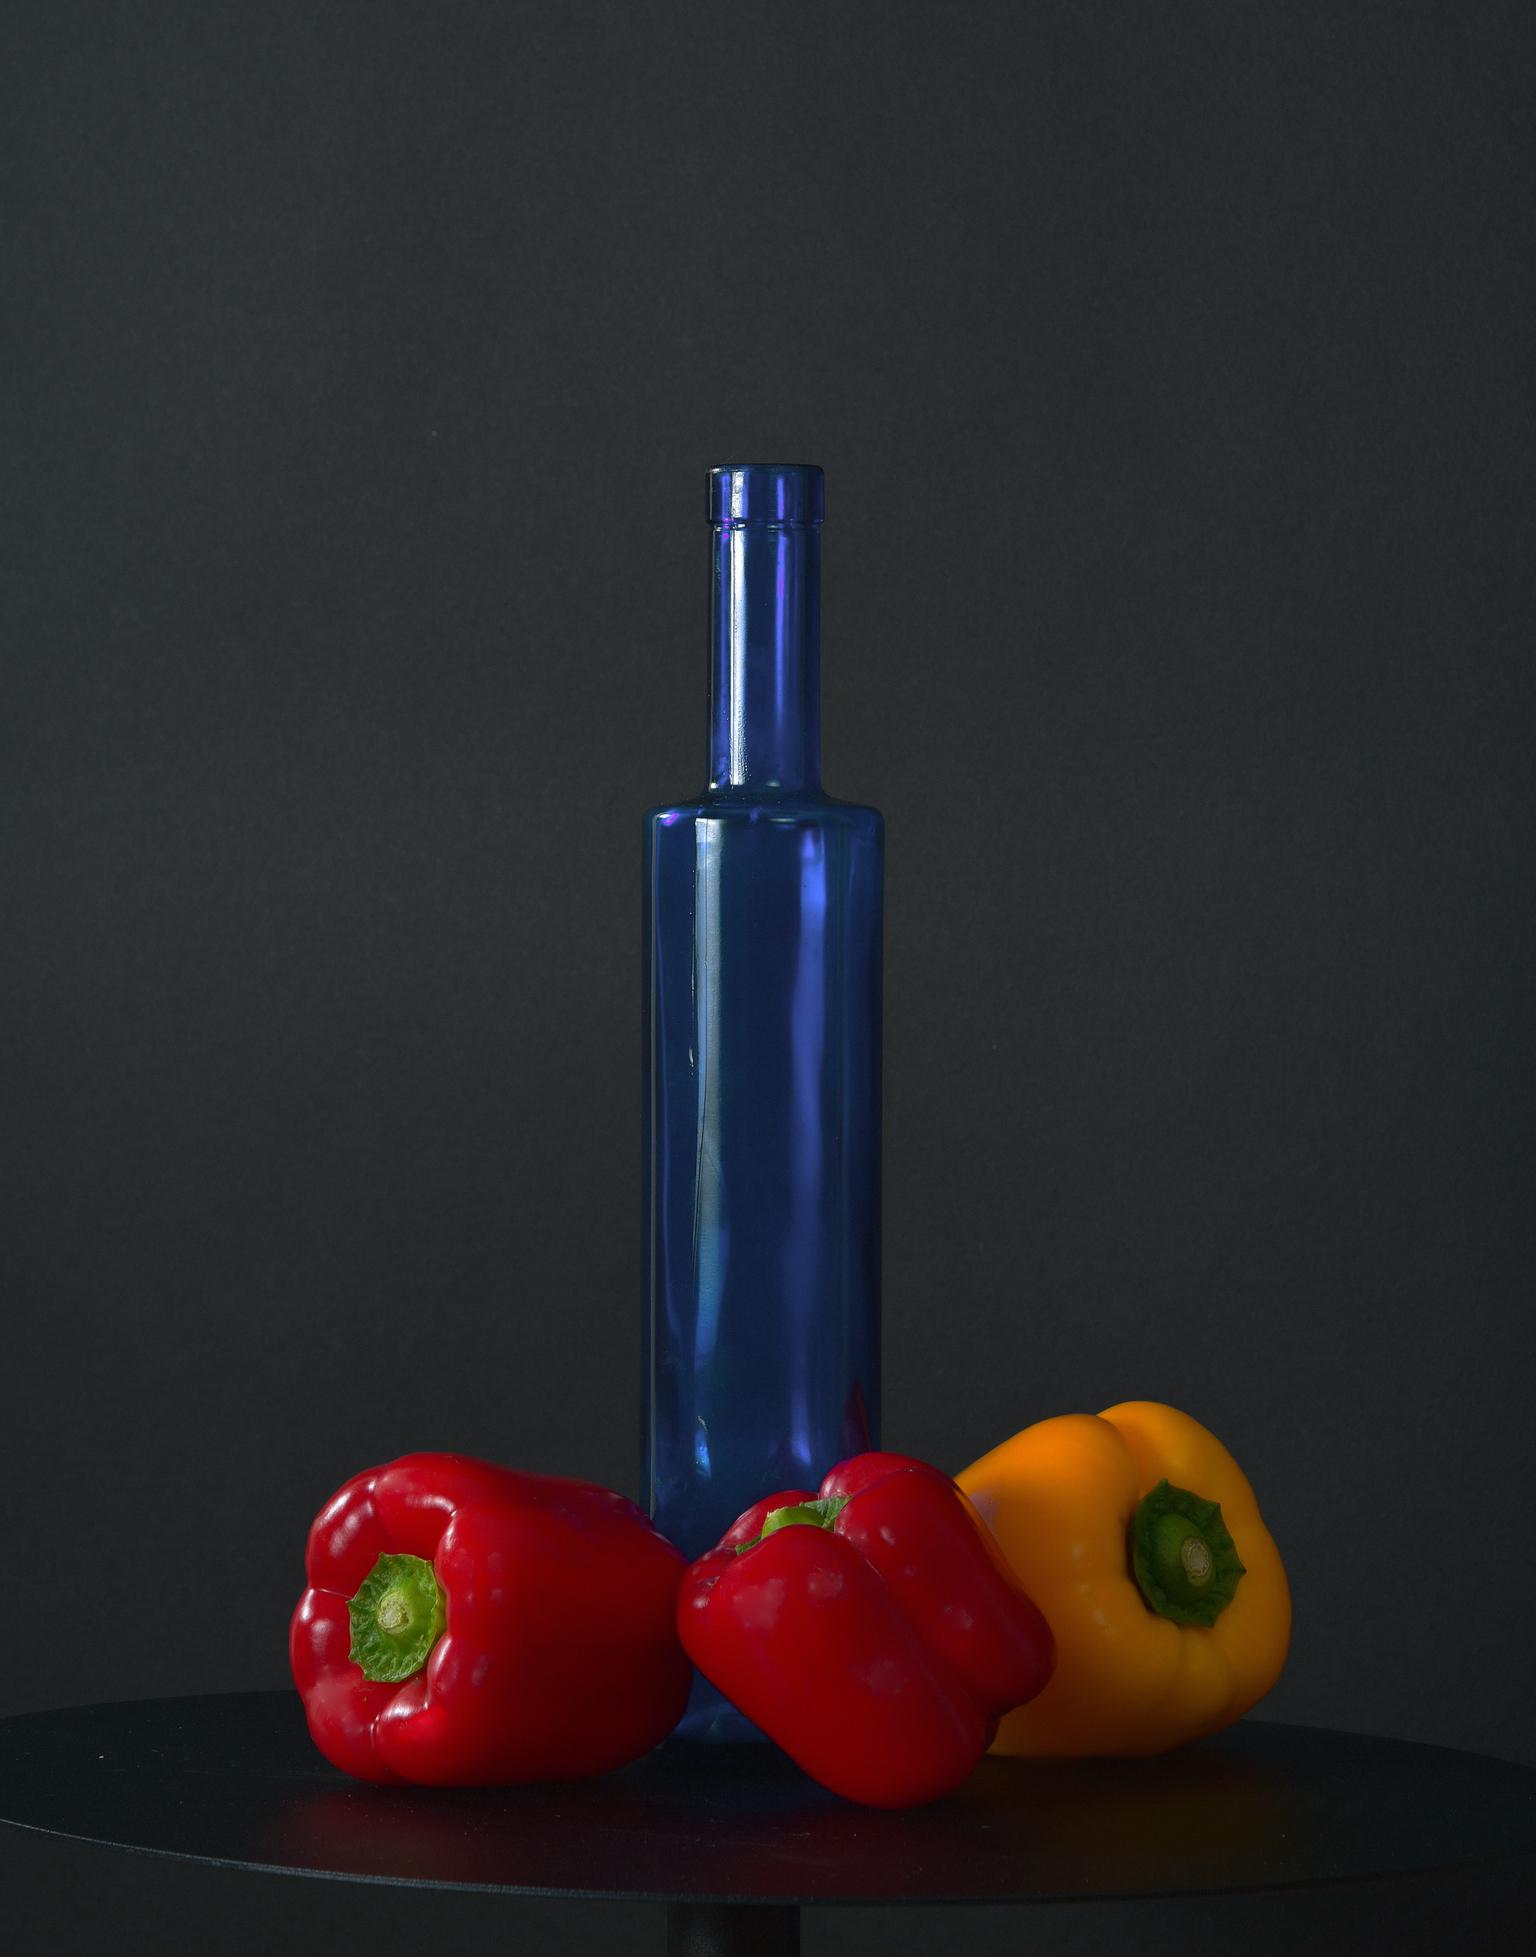 RGB feestje - De blauwe fles waar olijfolie in zat staat centraal in mijn stillevens, die op canvas in 60x80 aan de muur hangen. - foto door erikluigies op 10-04-2021 - locatie: Dordrecht, Nederland - deze foto bevat: vloeistof, fles, plastic fles, natuurlijk voedsel, chili peper, rode paprika, waterfles, plastic, produceren, elektrisch blauw